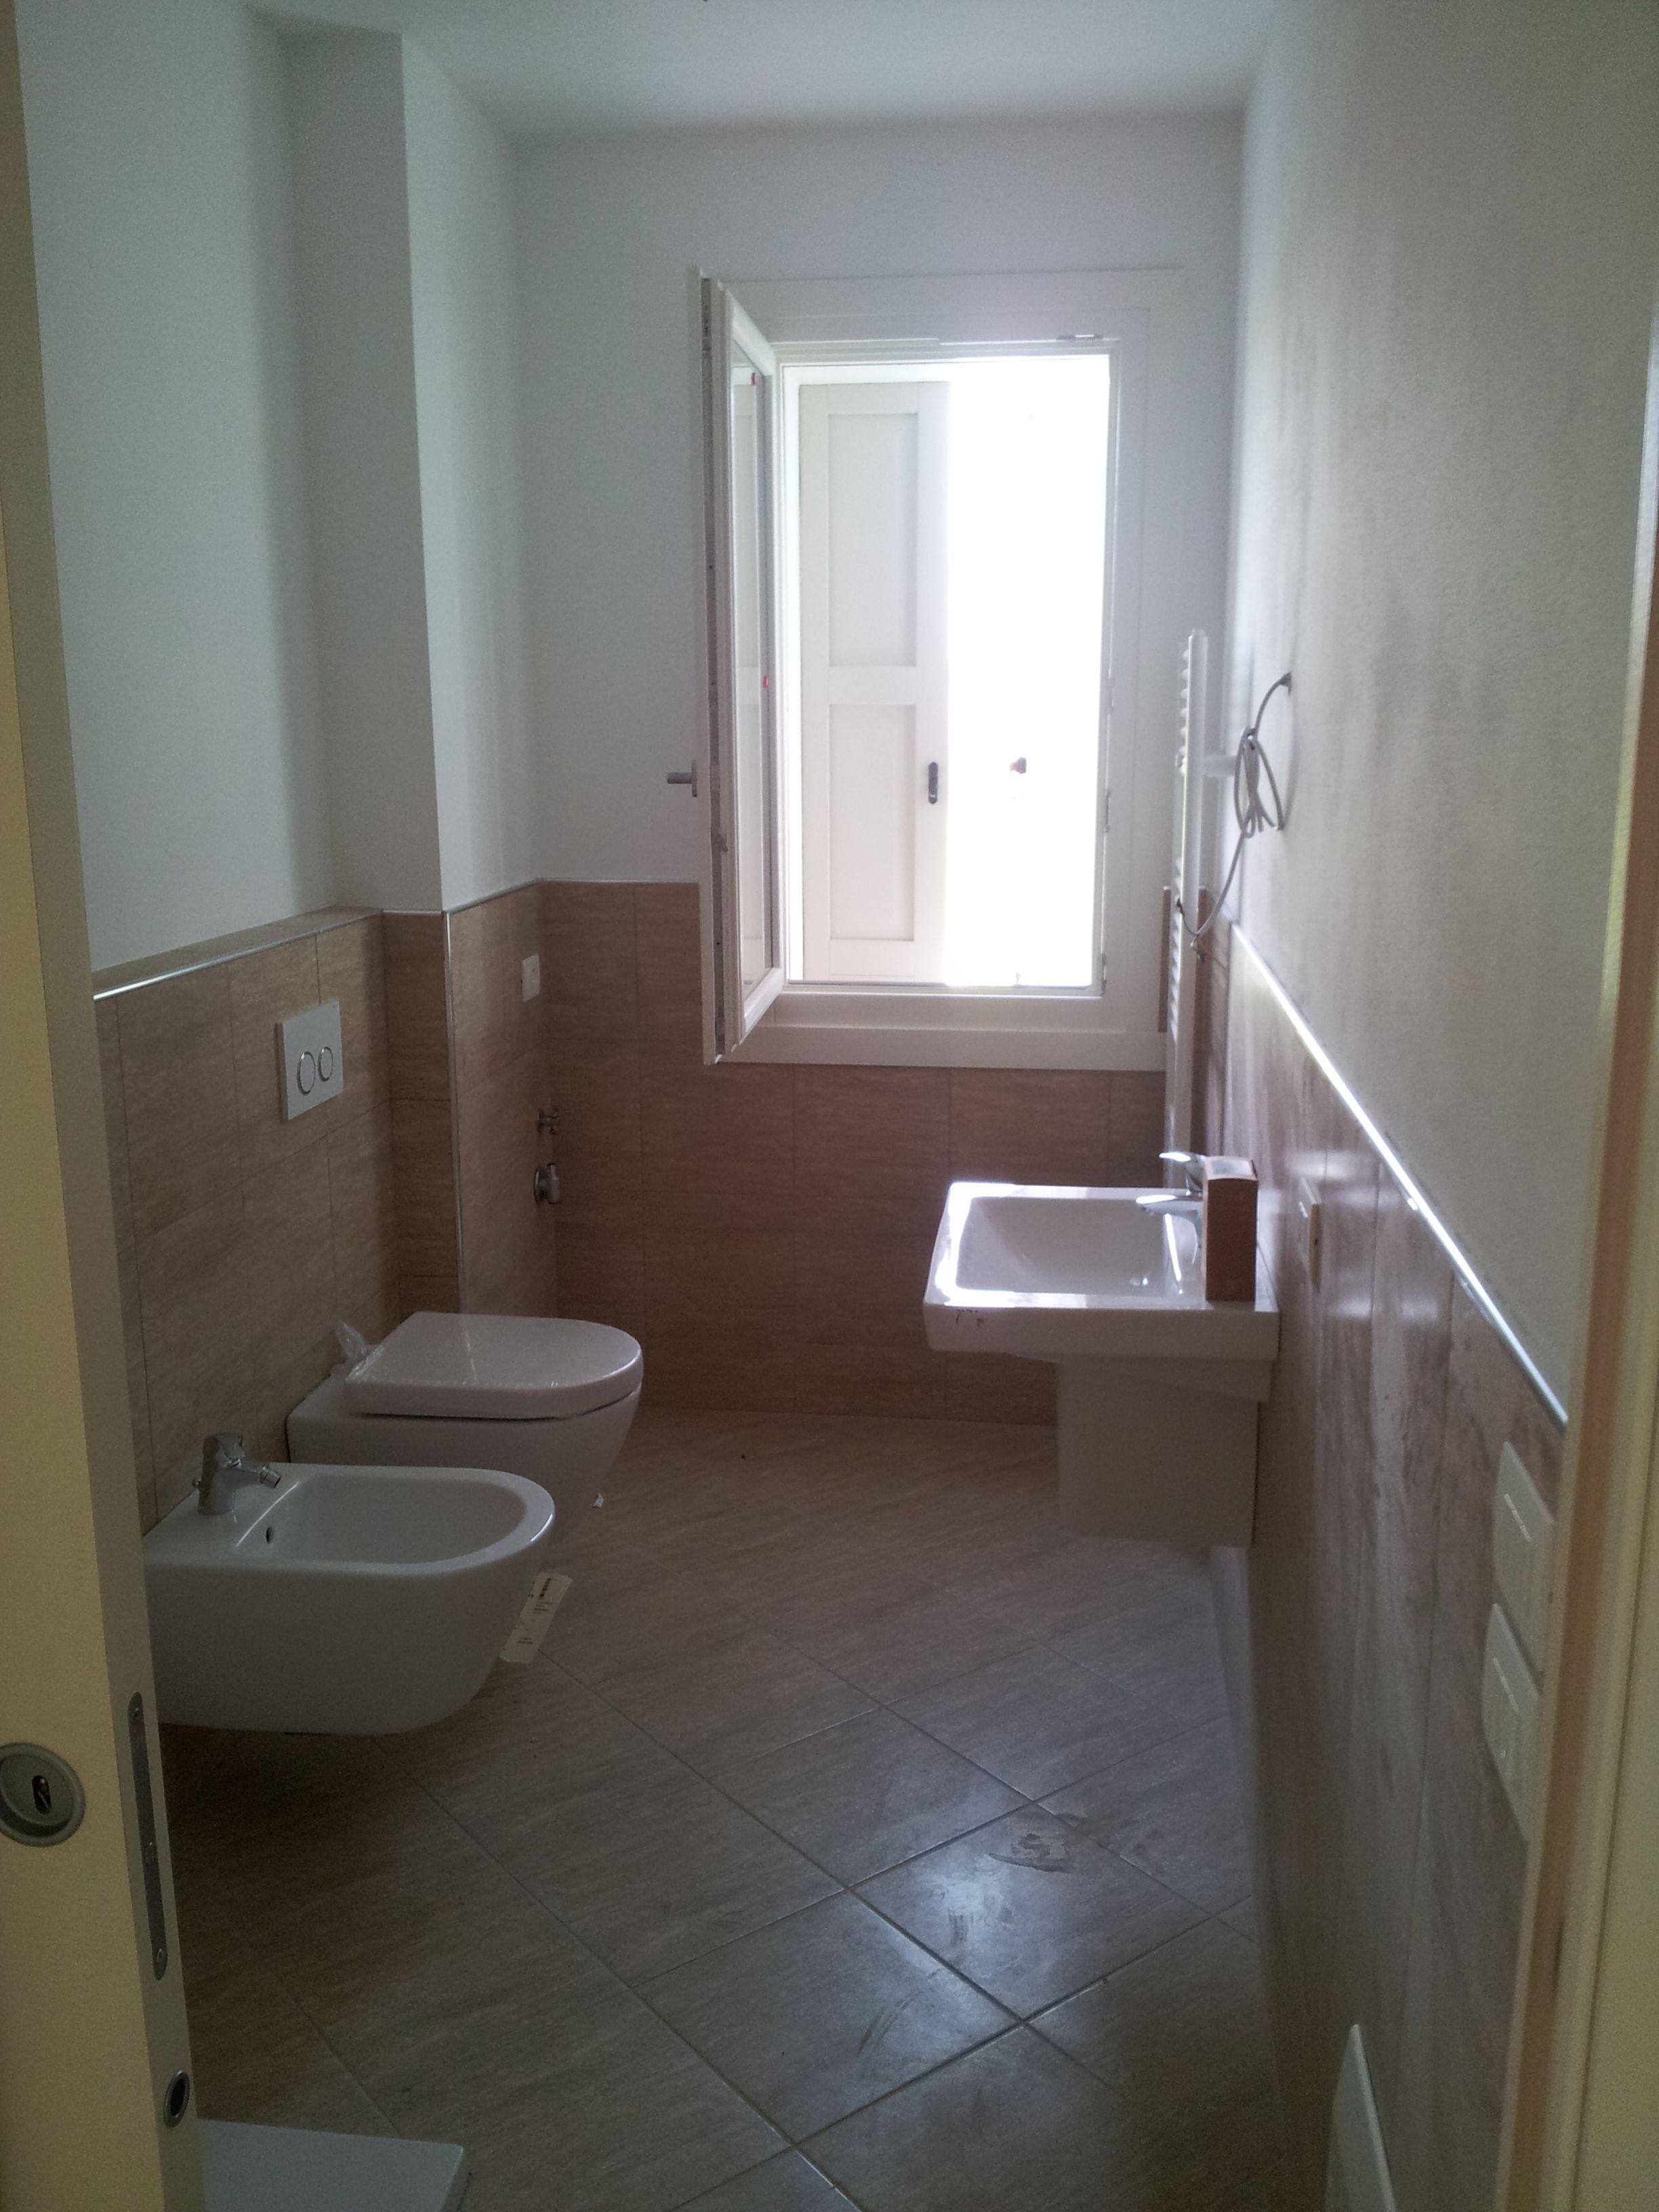 Bagno con sanitari bianchi, pavimento e rivestimento uguali che ...